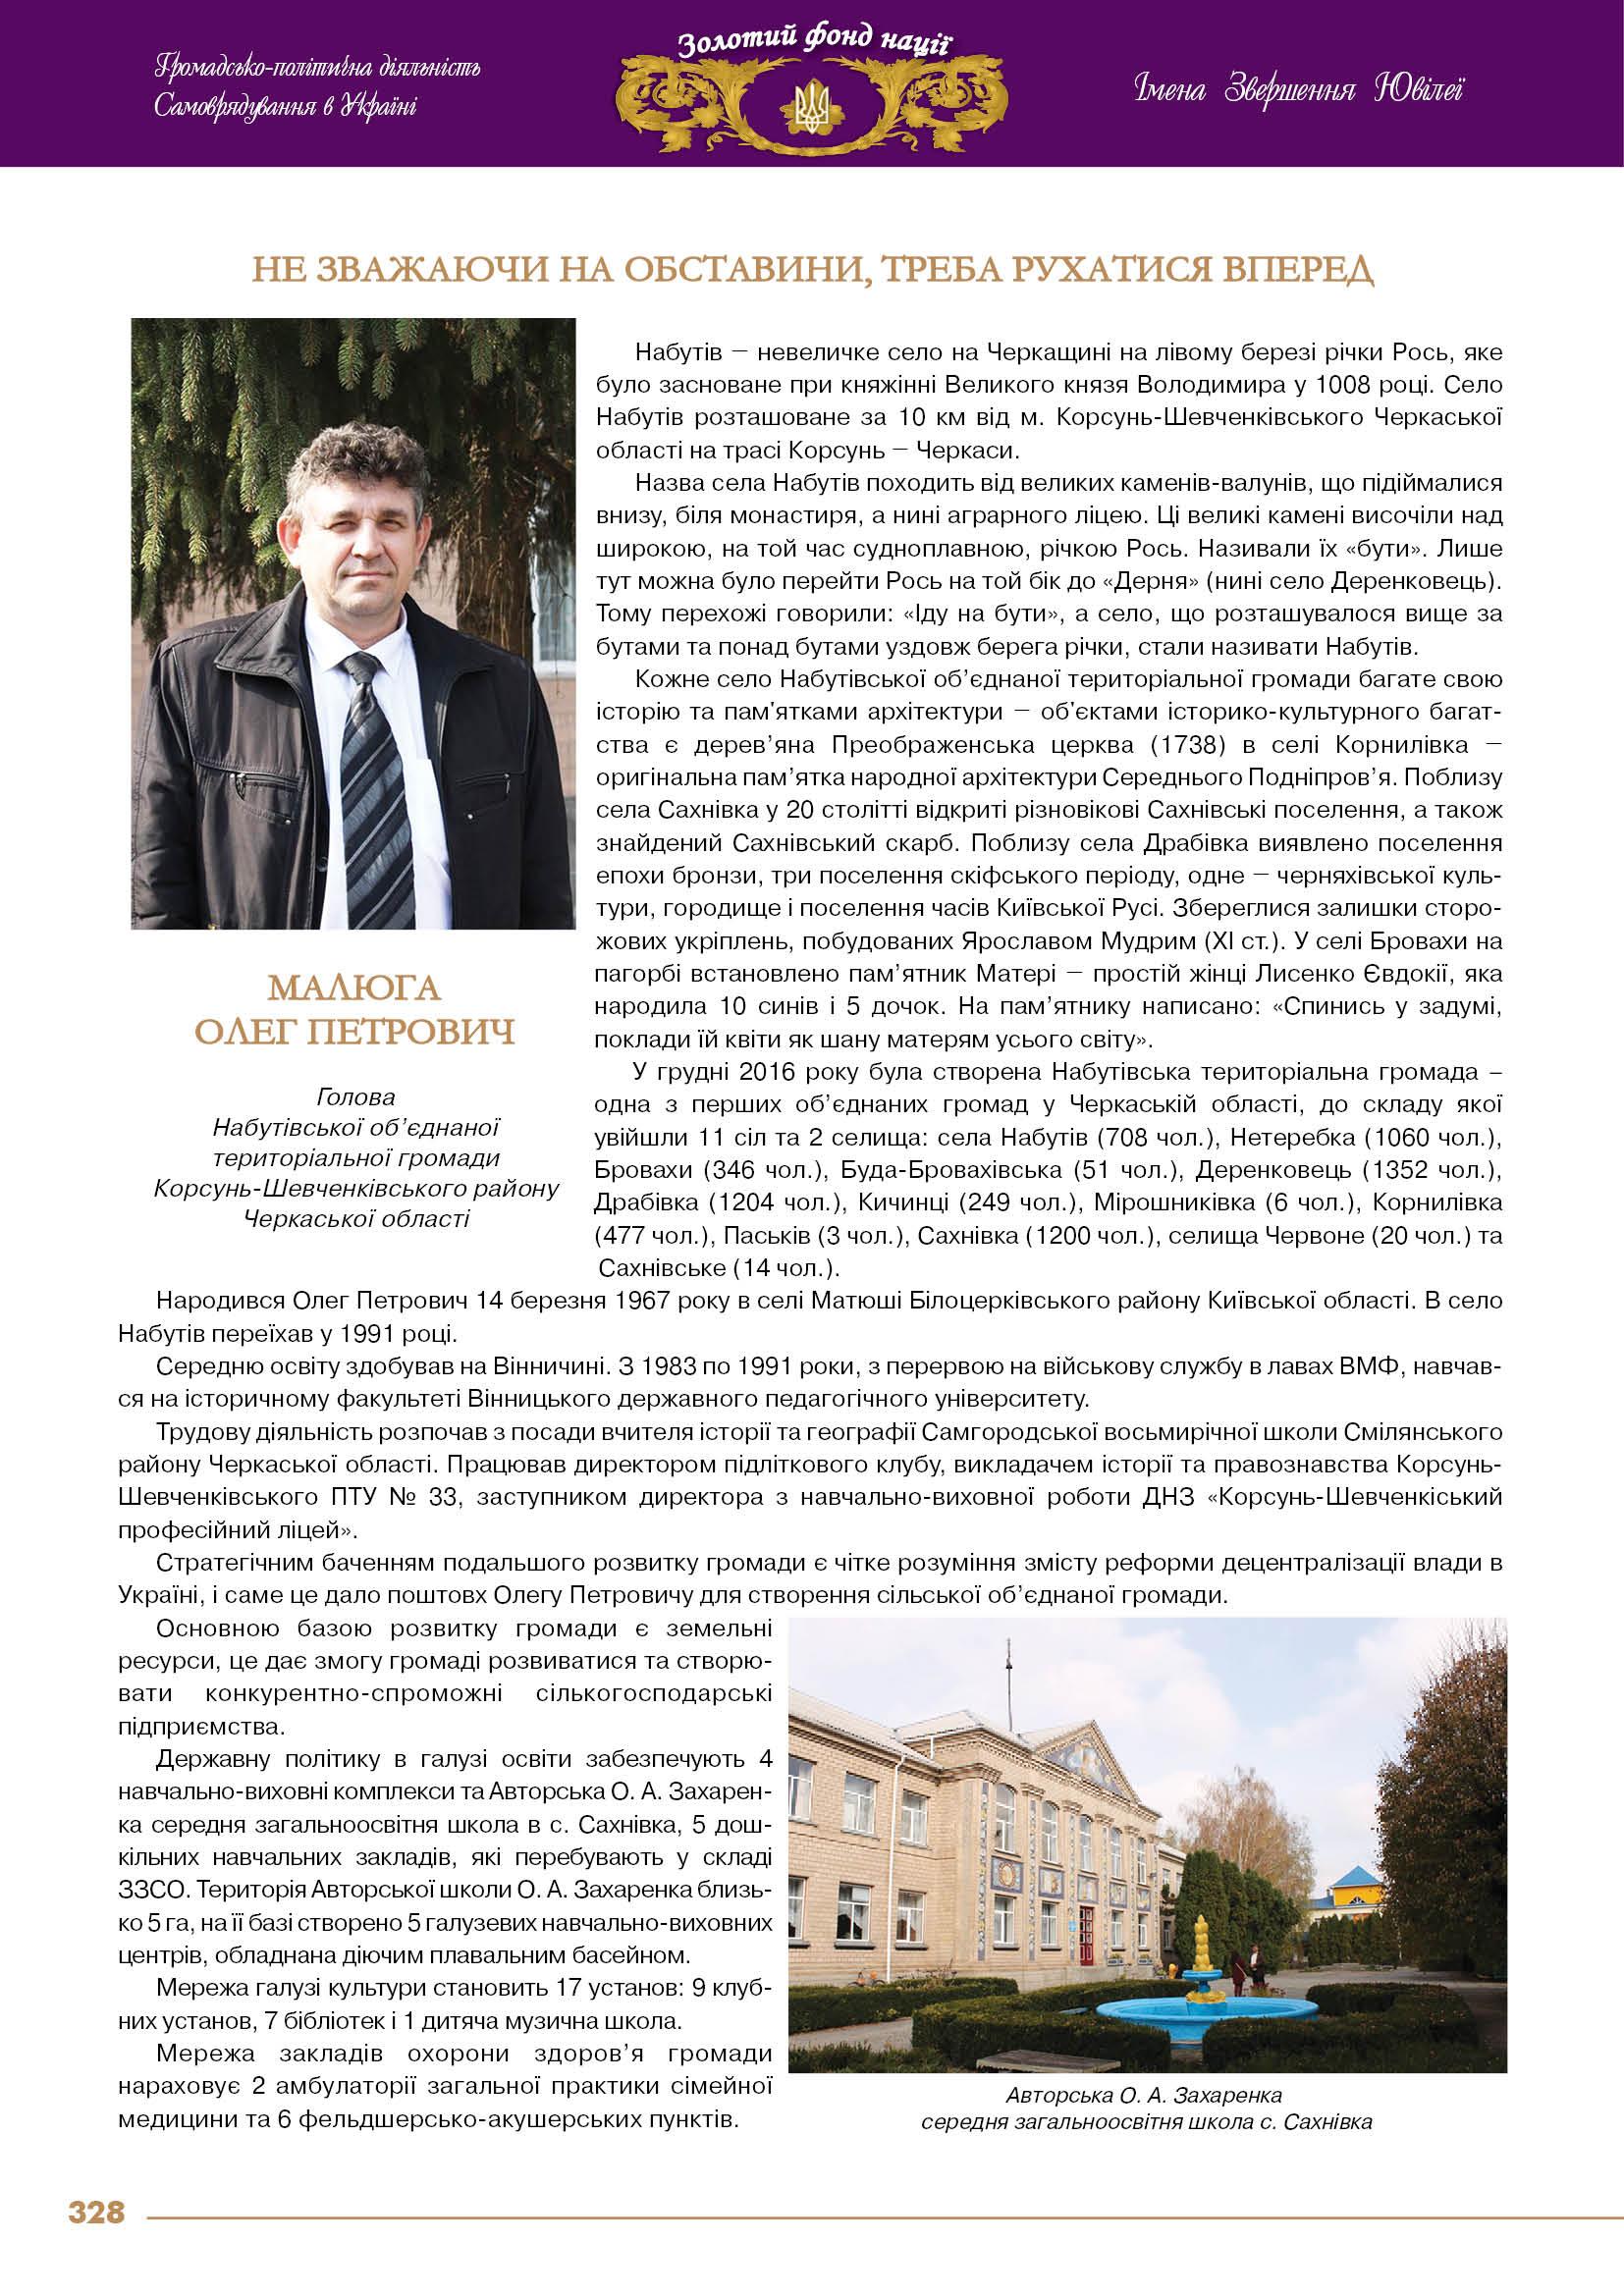 Малюга Олег Петрович